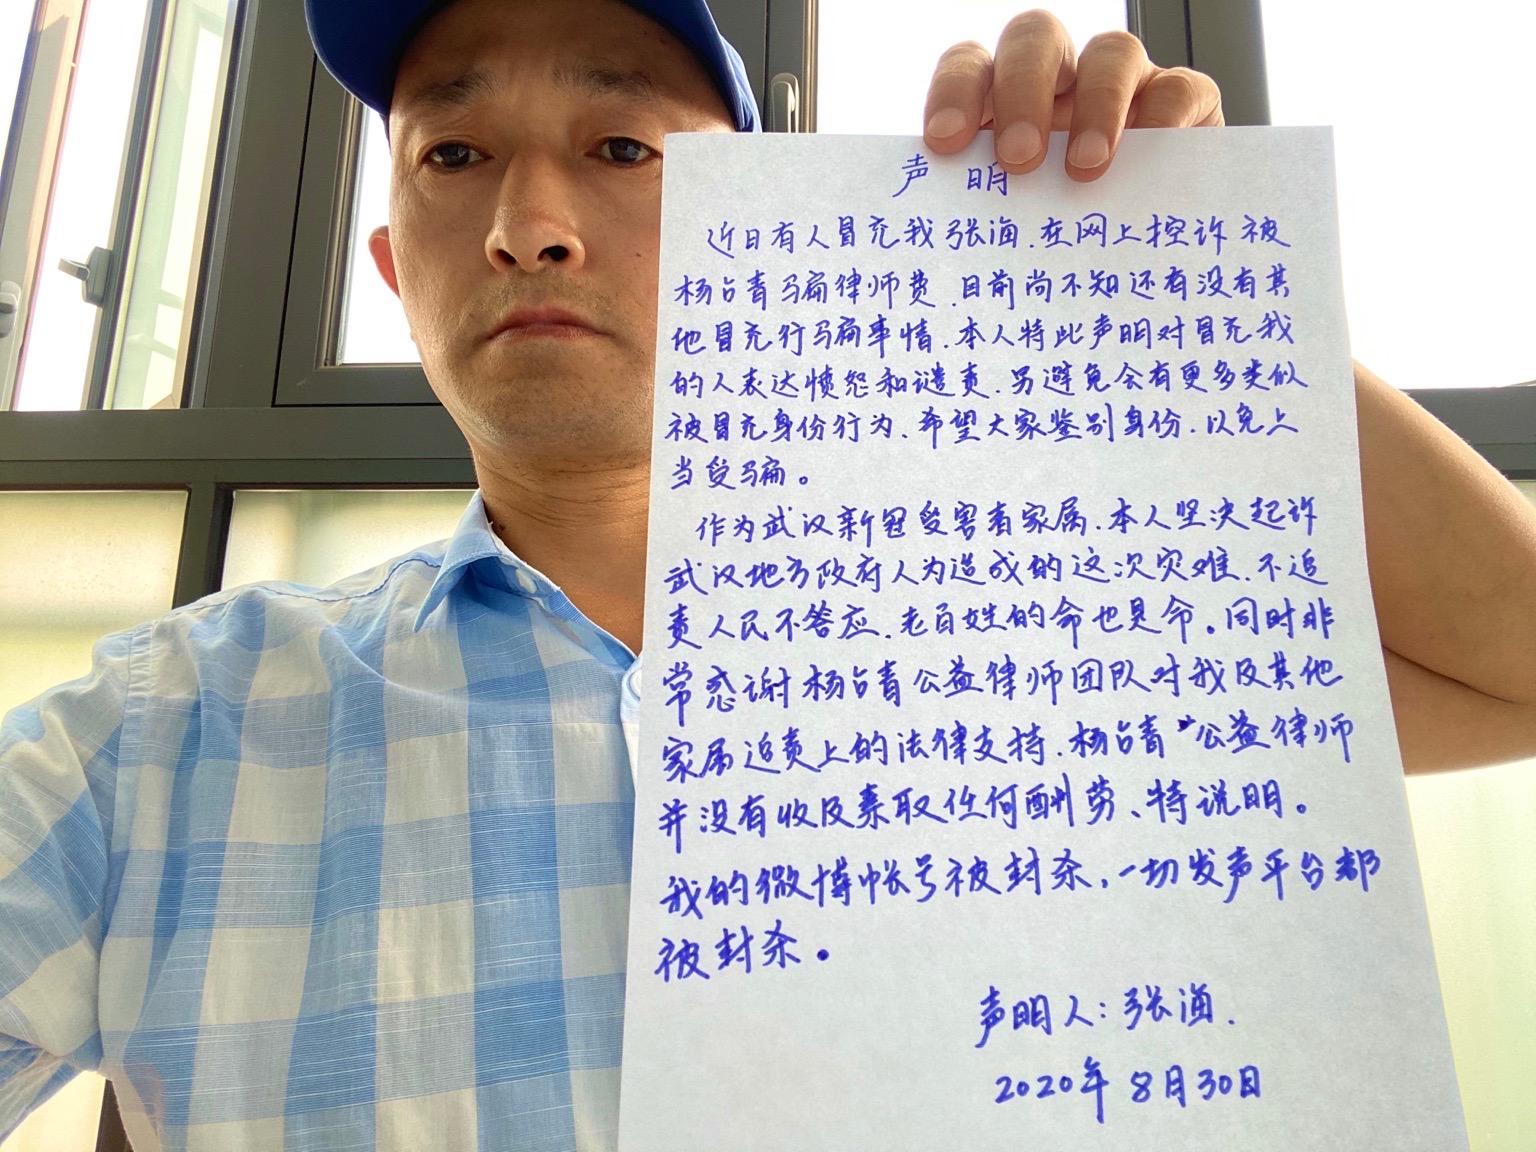 2020年8月30日,武漢中共病毒受害者家屬張海公開發表聲明譴責惡意冒充自己並詆毀公益人楊佔青的言行。(受訪人提供)